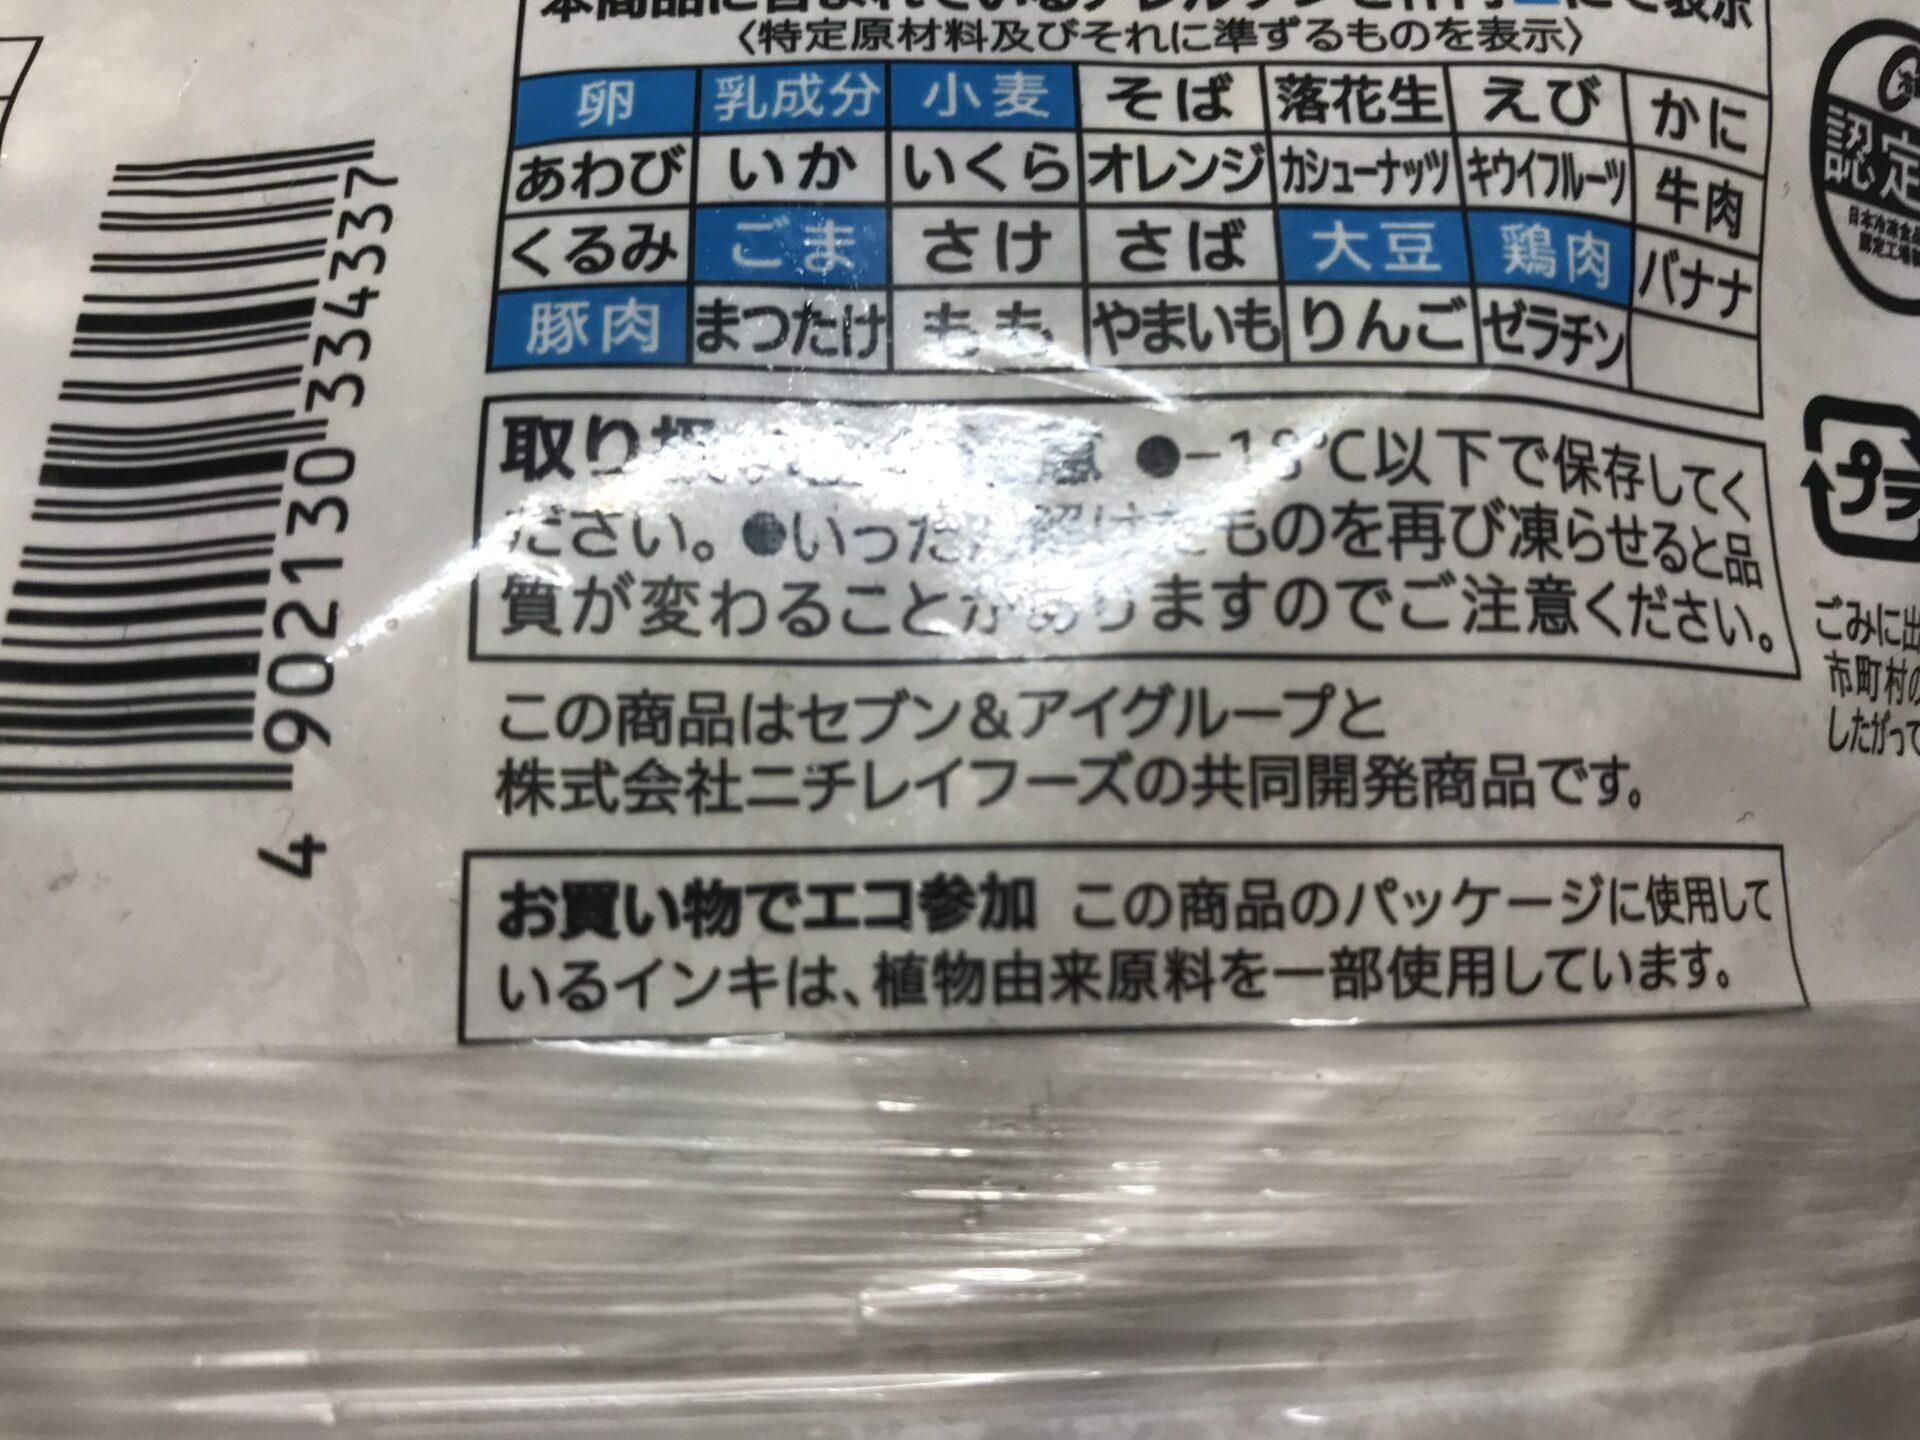 セブンプレミアム:札幌すみれチャーハン ニチレイフーズと共同開発